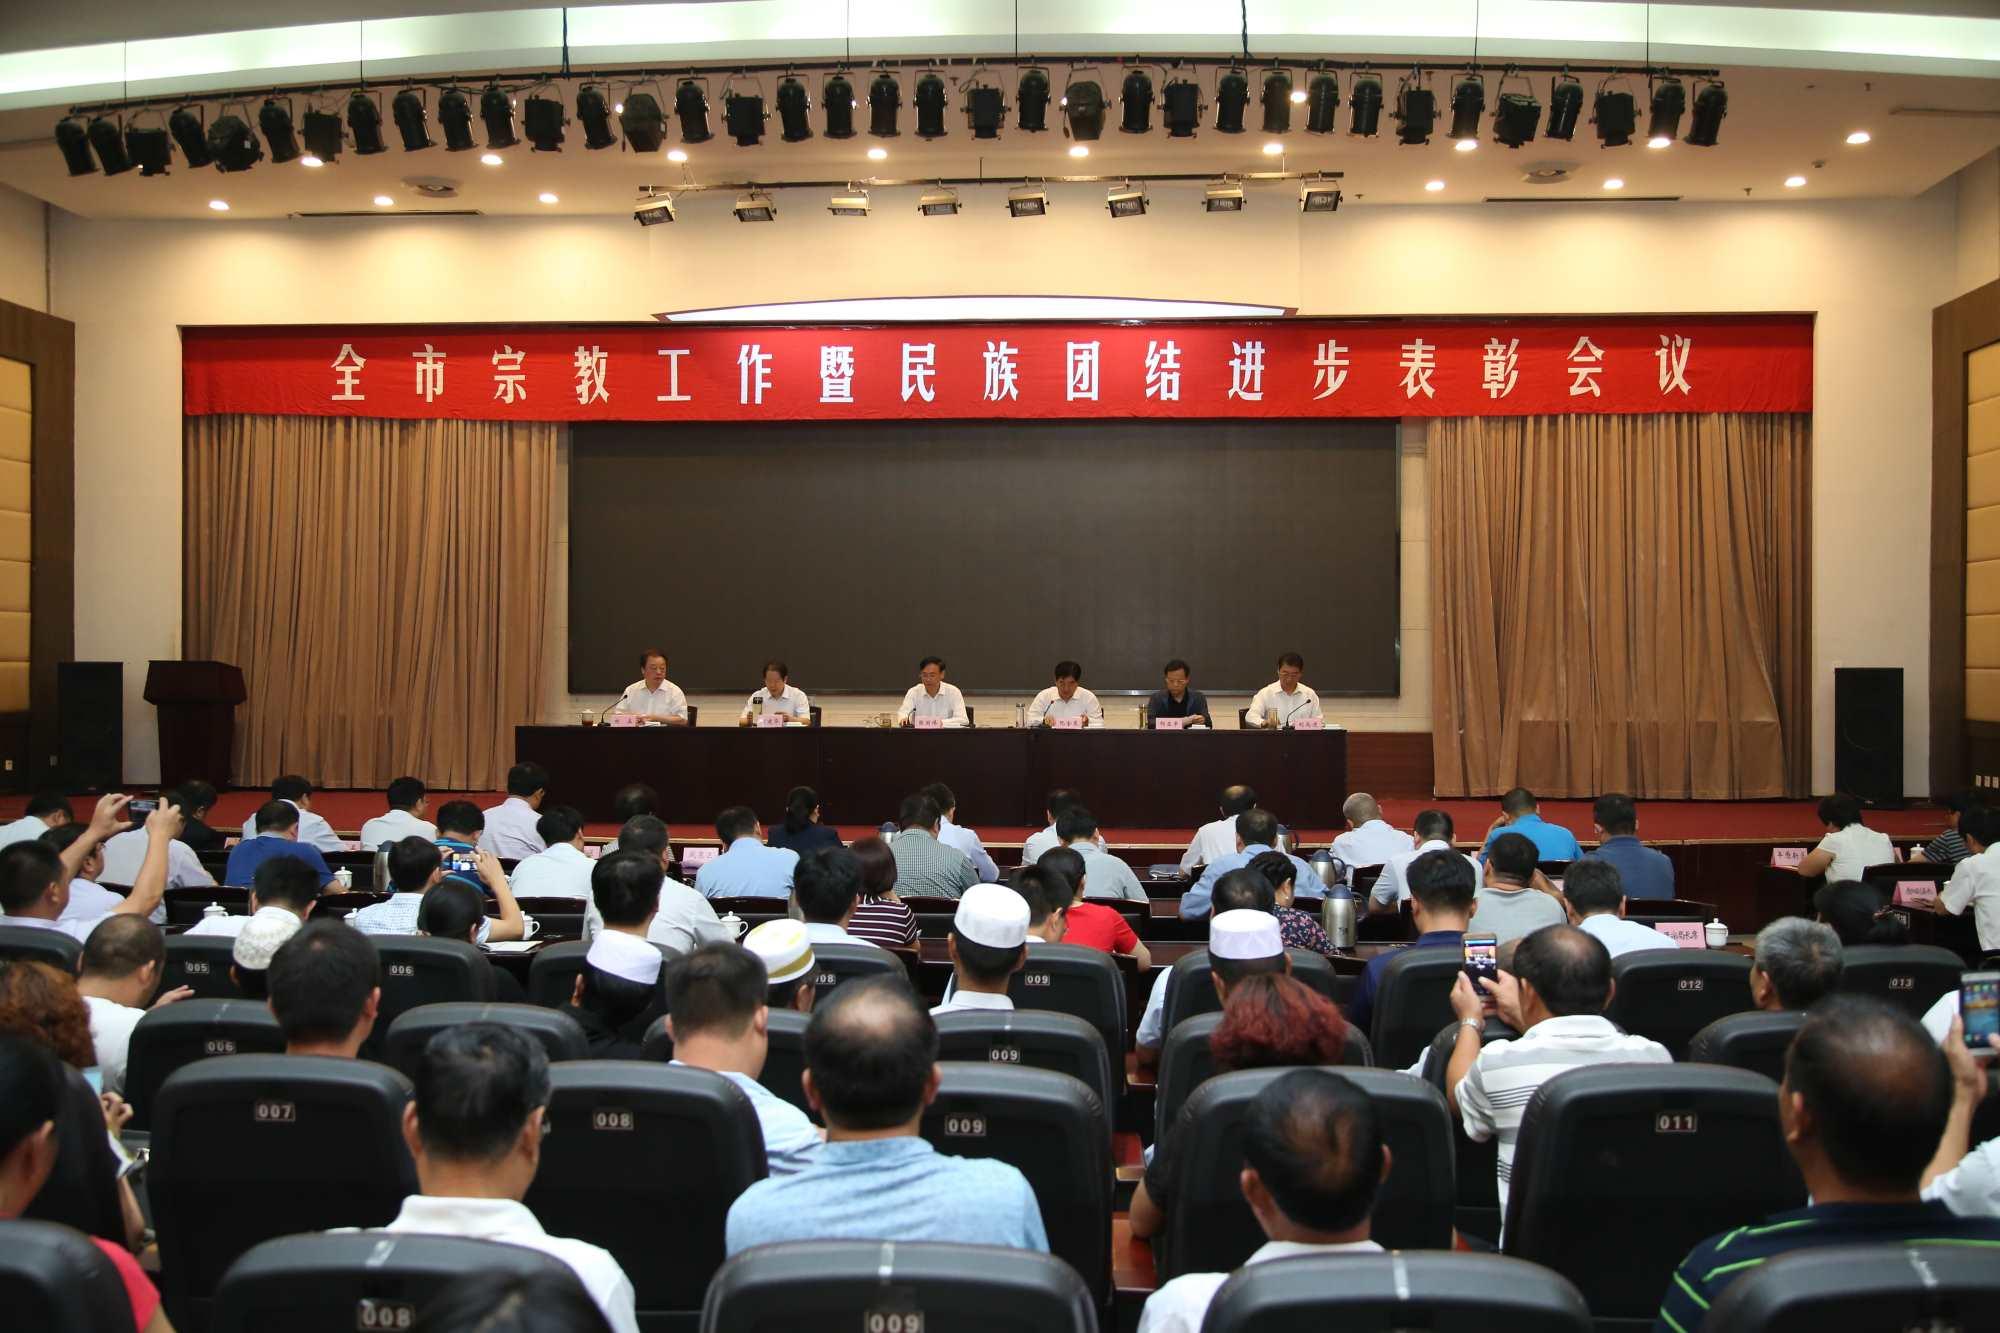 新乡市召开宗教工作暨民族团结进步表彰会议